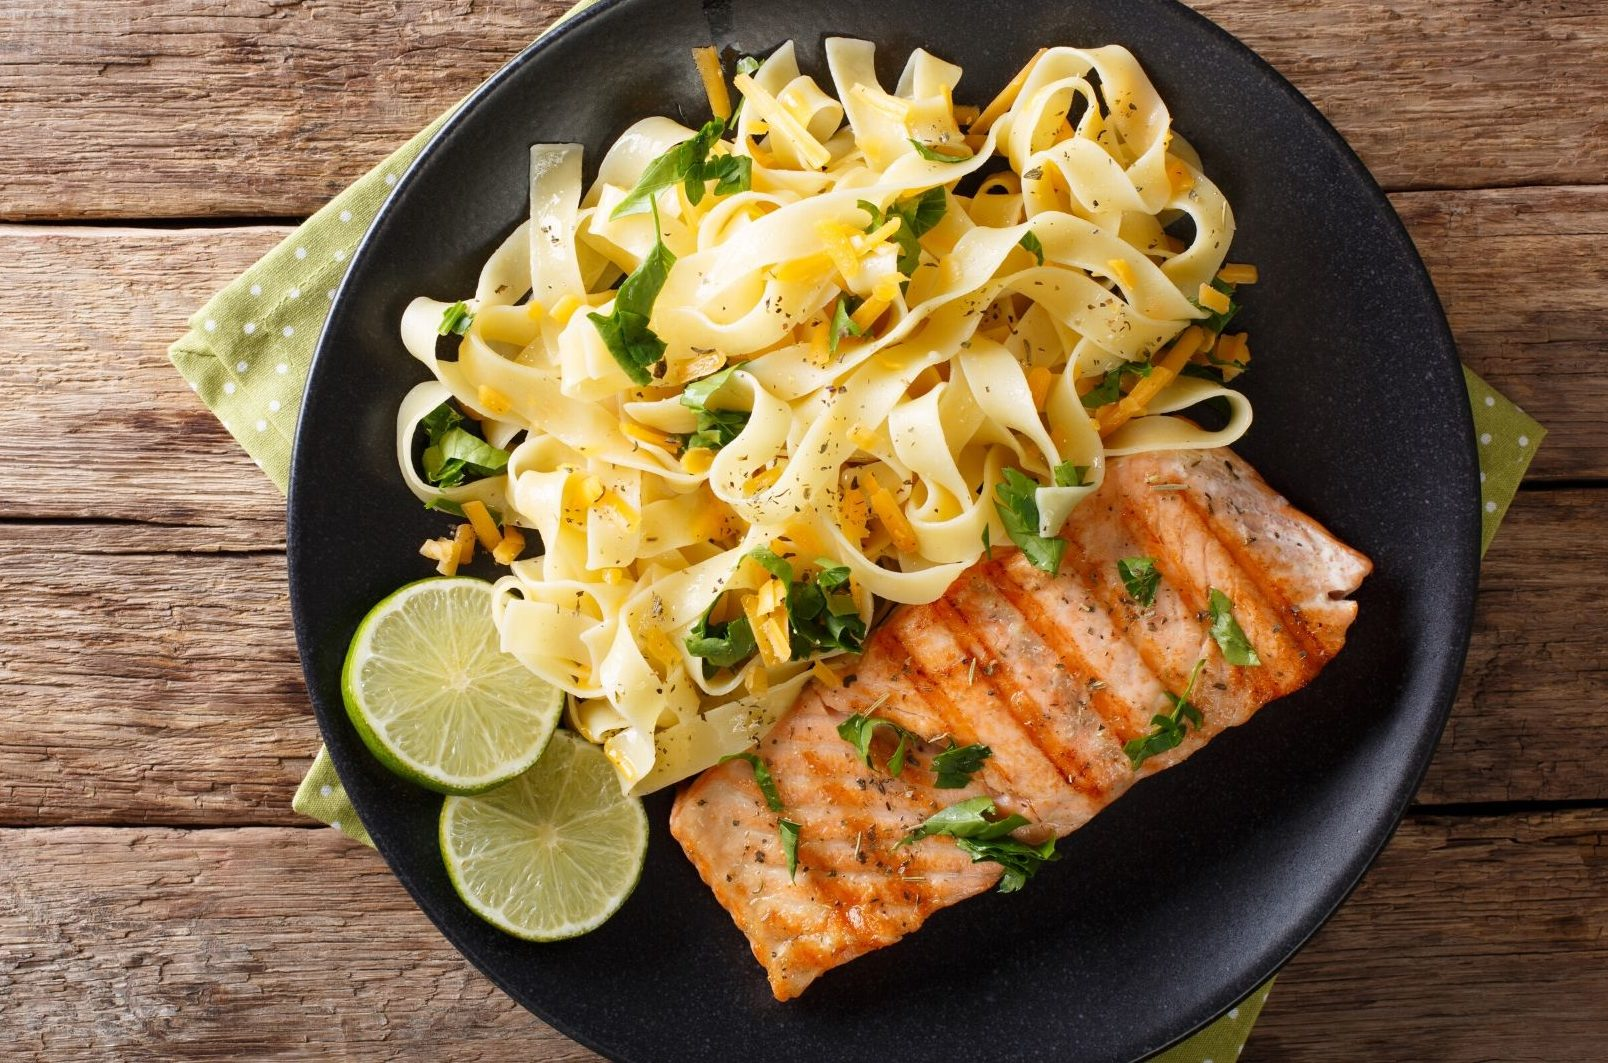 escuela-de-cocina-pimienta-y-sal-curso-cocina-pescados